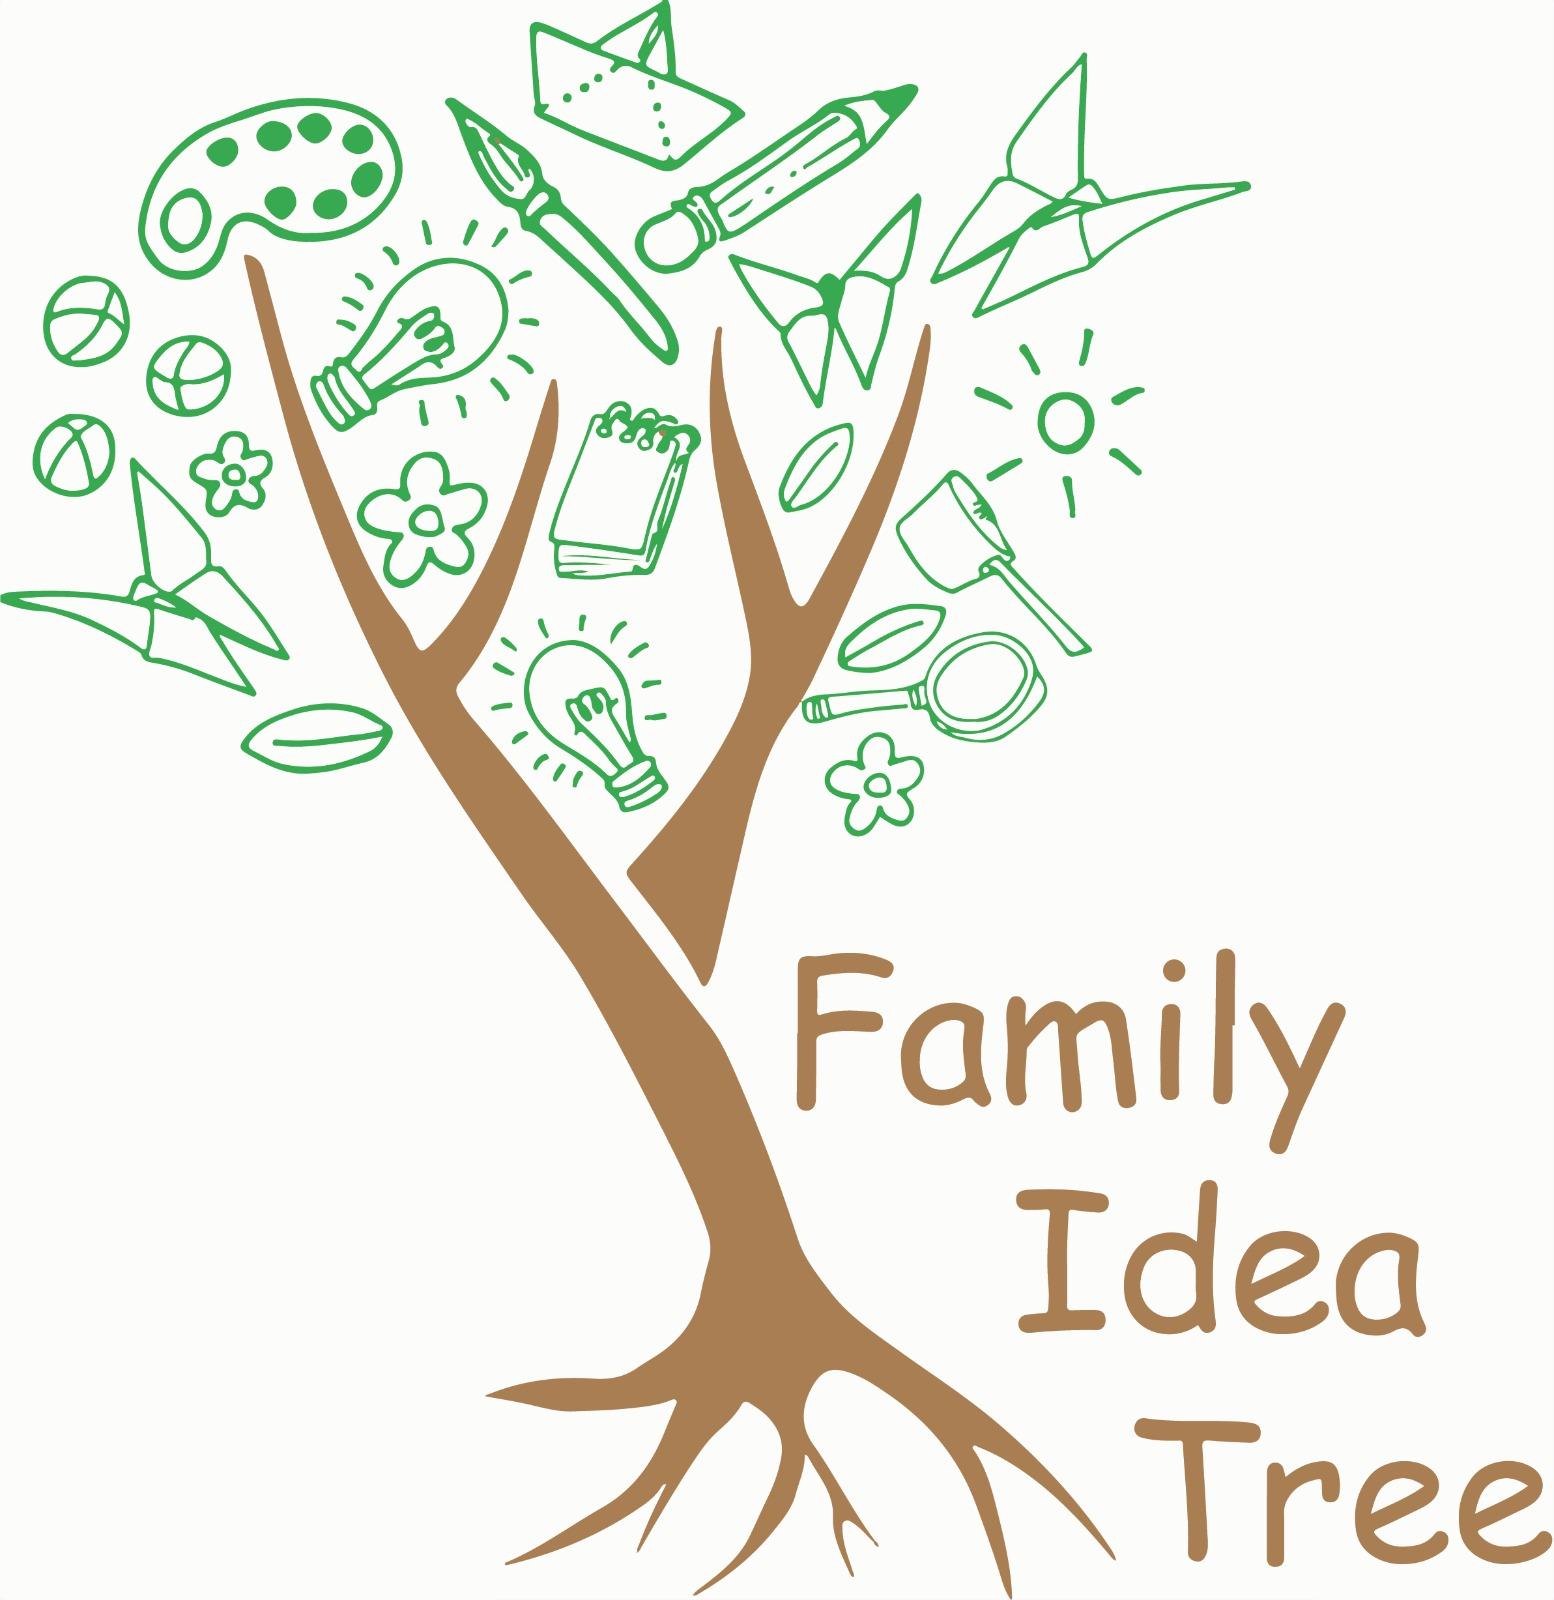 family idea tree